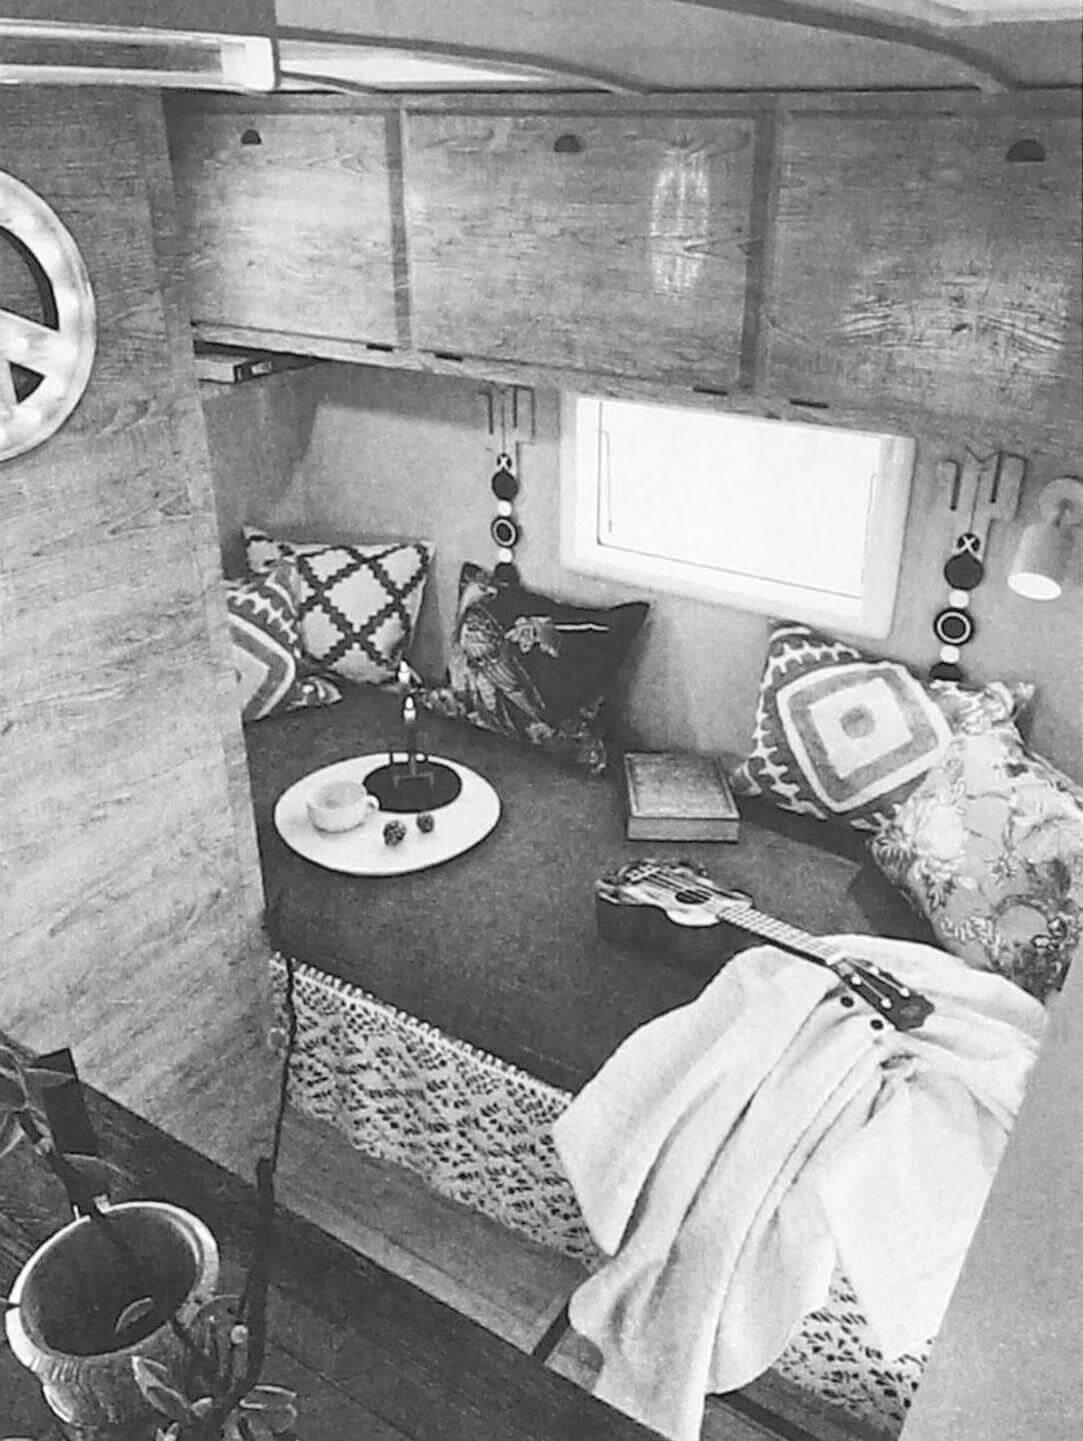 Несмотря на скромные габариты жилого модуля, спальное место в нем вполне комфортное